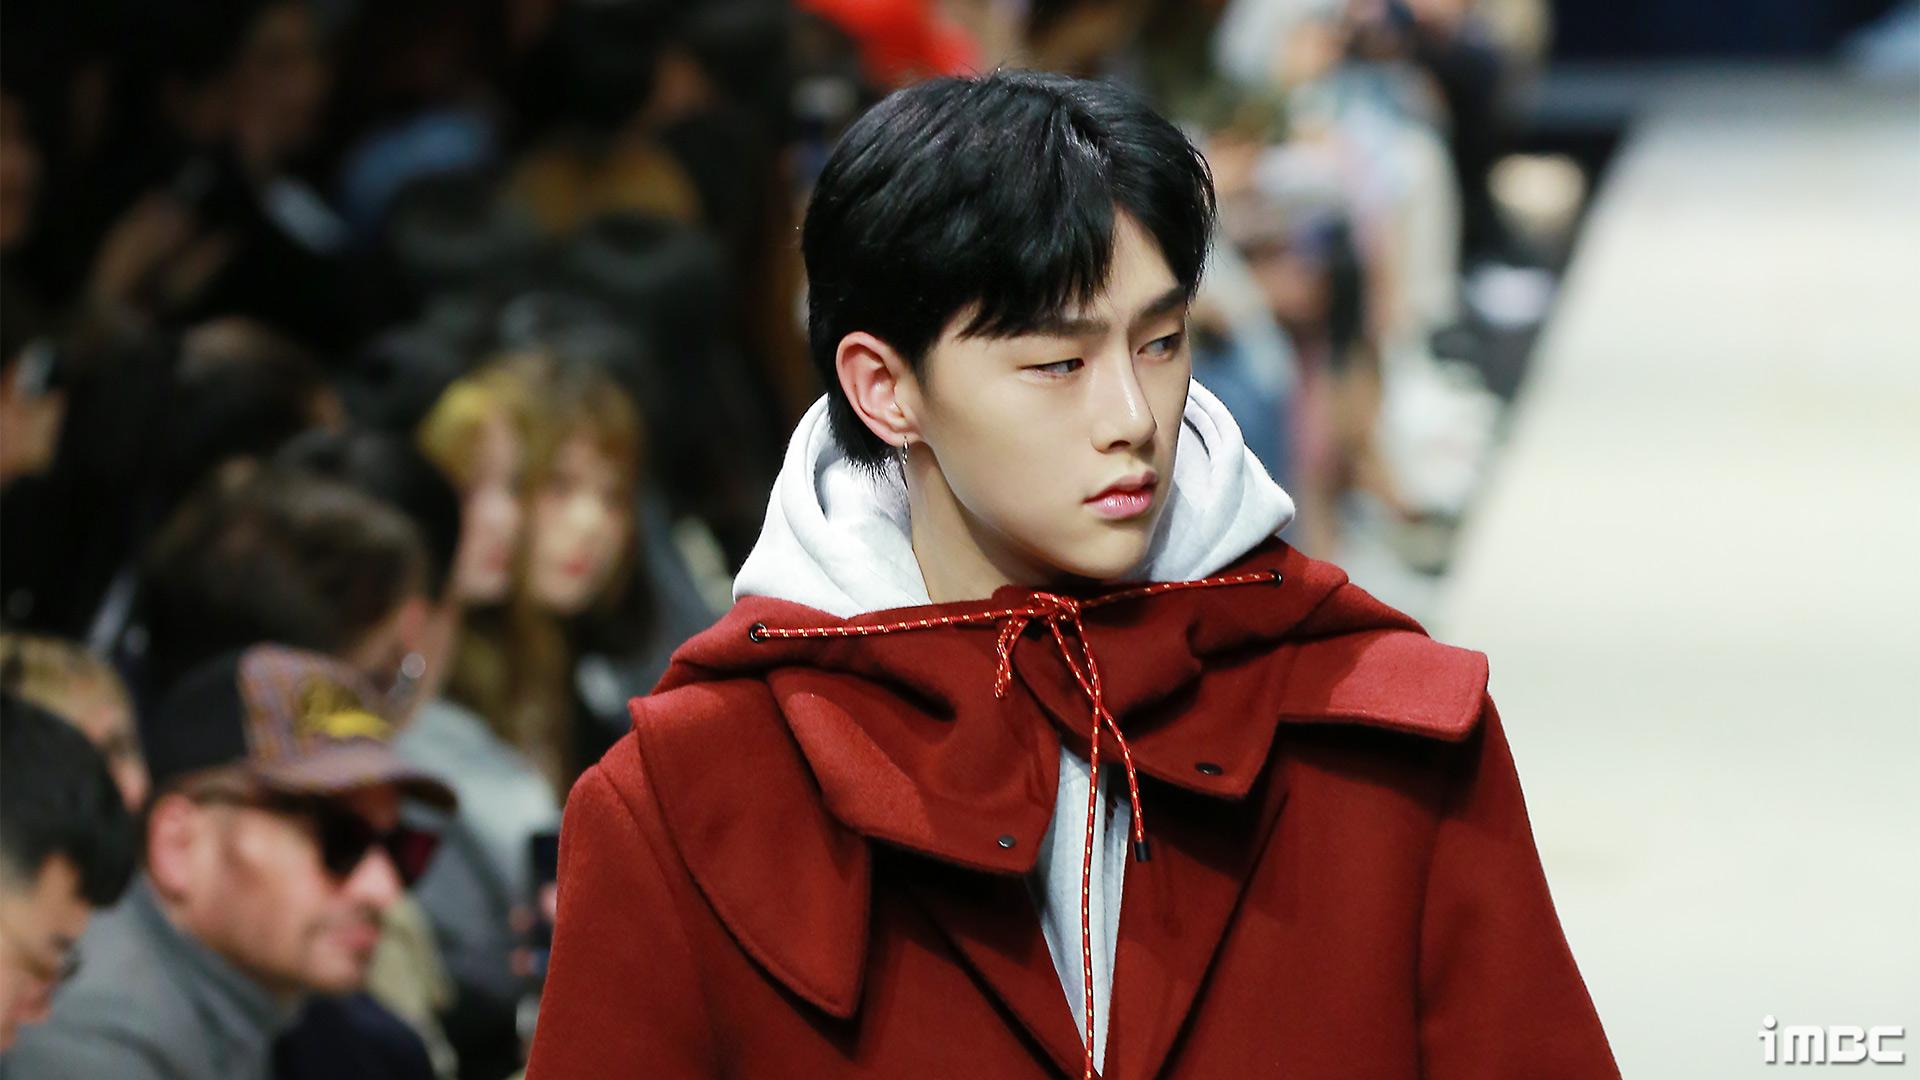 JBJ 권현빈, 오랜만에 돌아온 홈그라운드 '모델 아우라' 뿜뿜